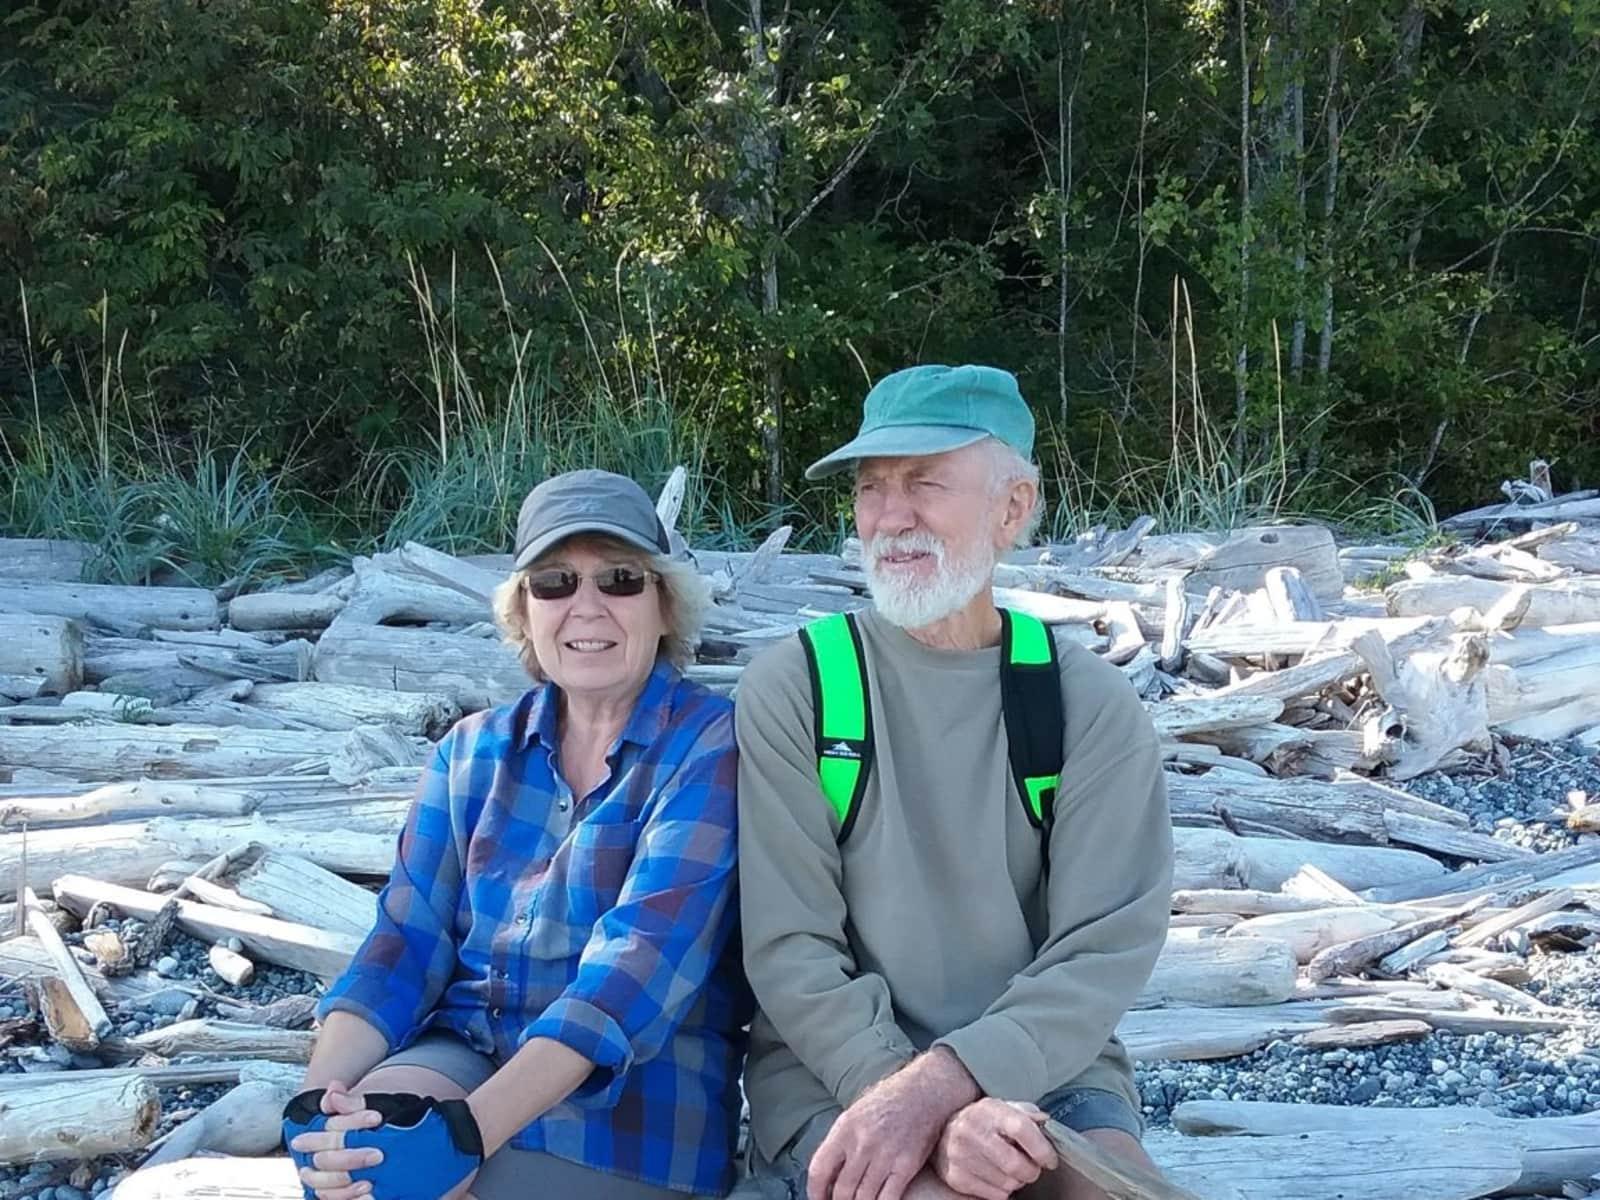 Claire & Dan from Quathiaski Cove, British Columbia, Canada